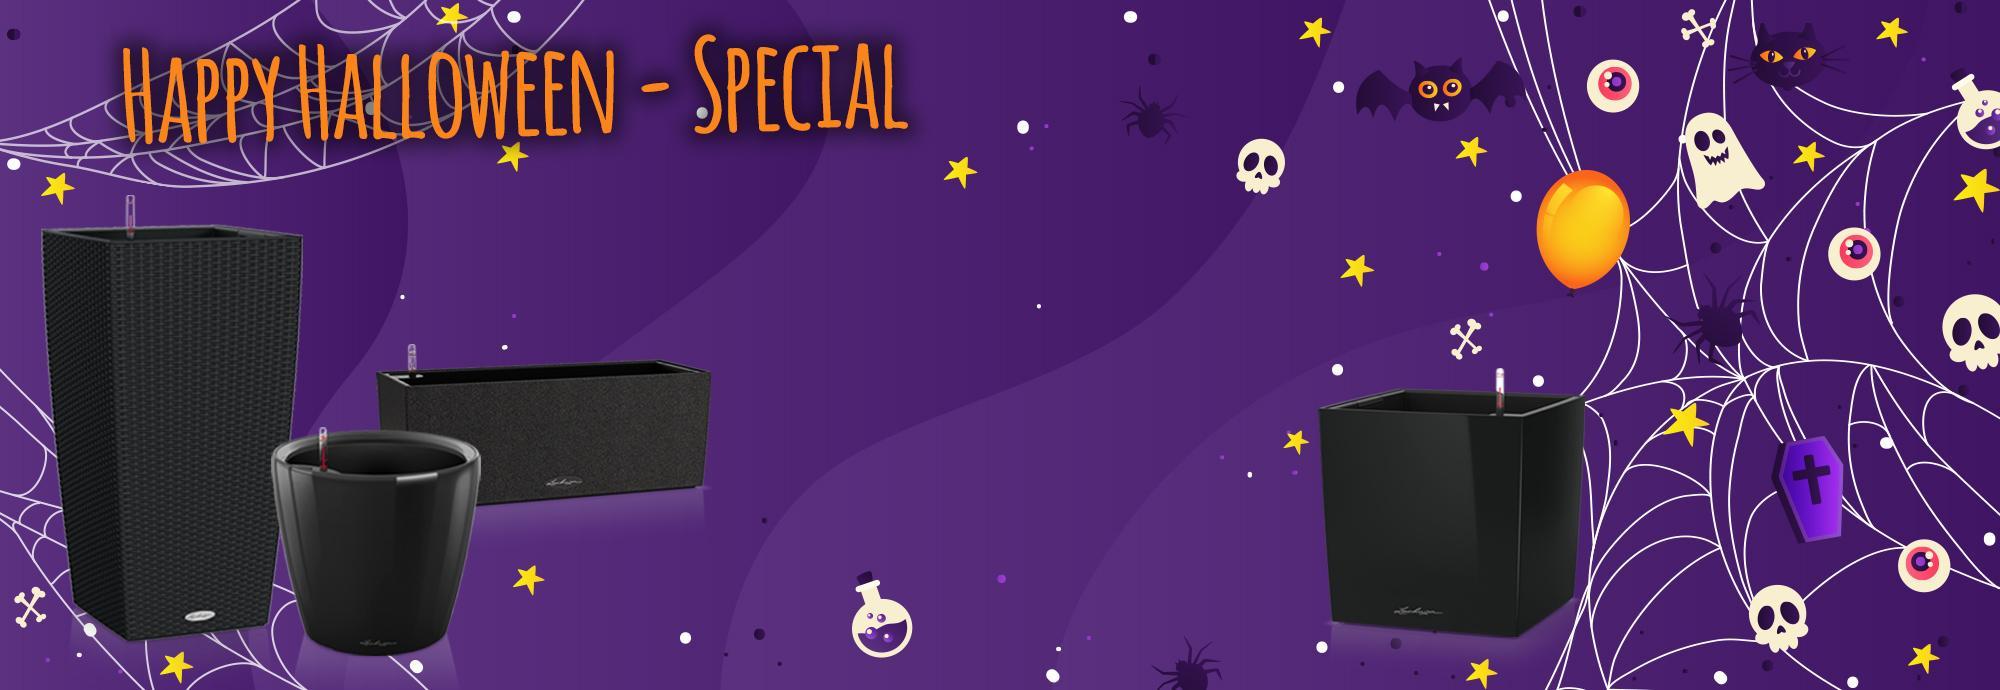 Happy Halloween - Special